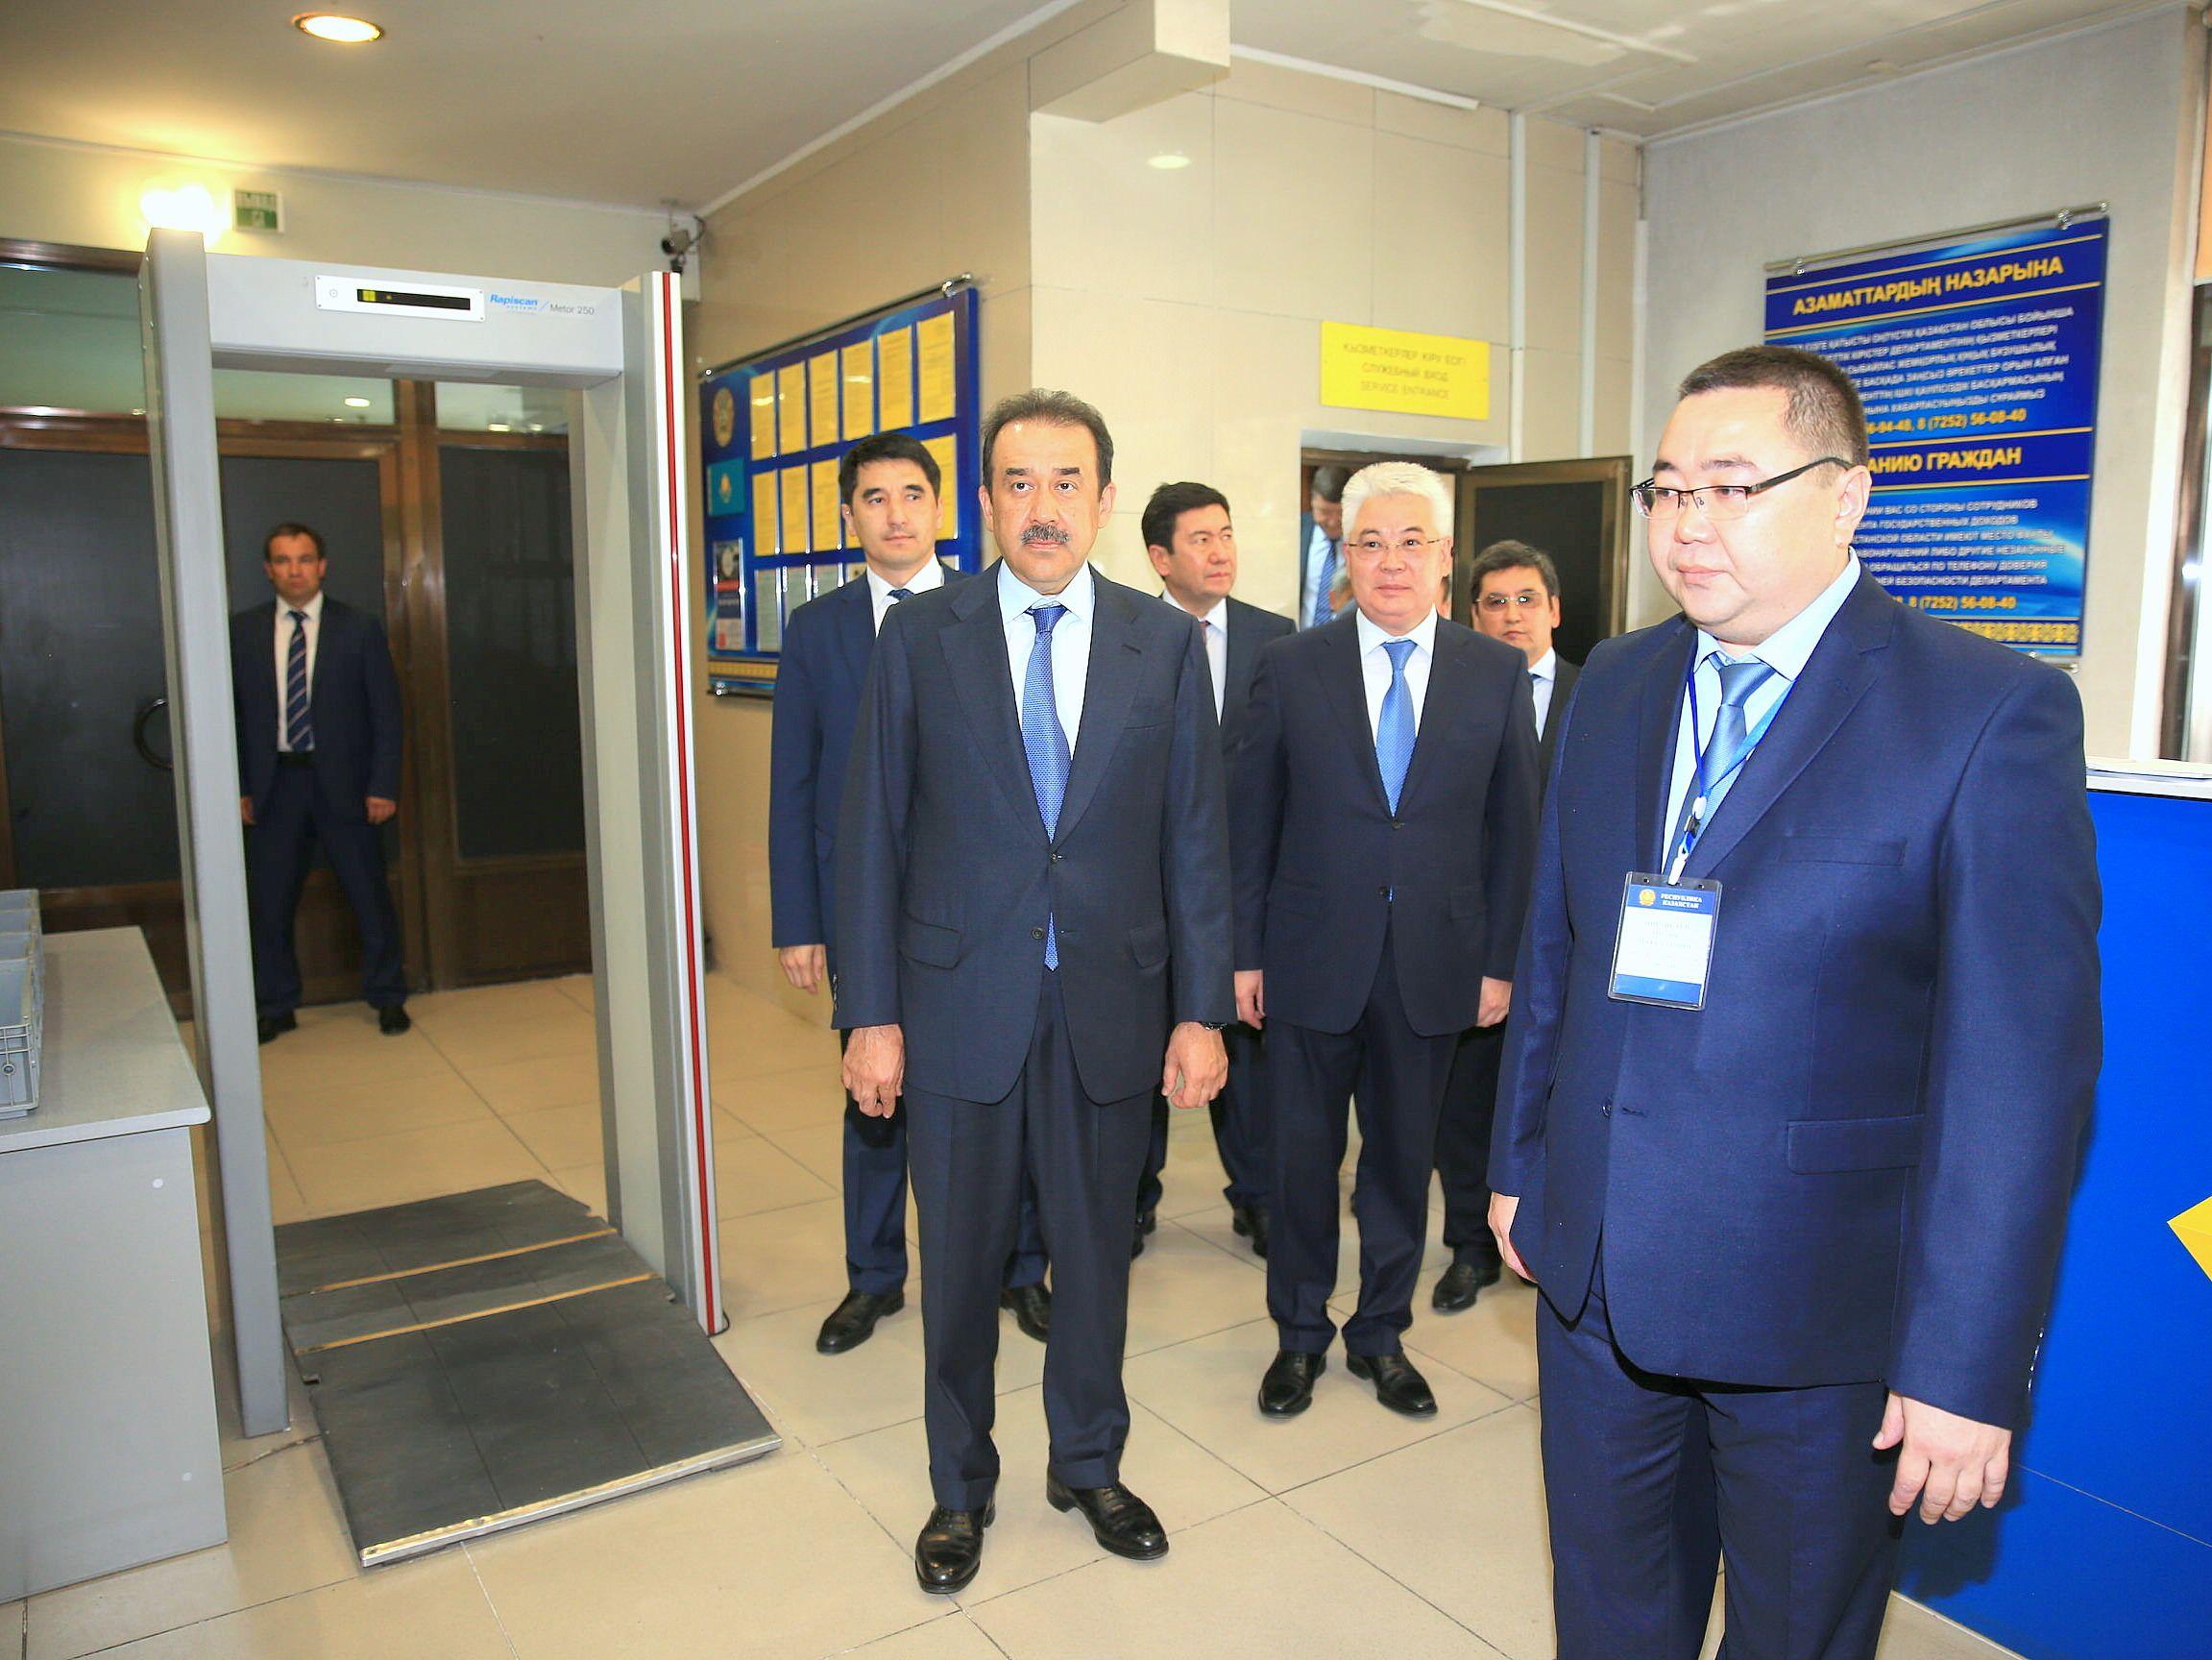 Проверка обеспечения мер безопасности в аэропортах и на вокзалах – обязательный пункт рабочих поездок премьер-министра по регионам.